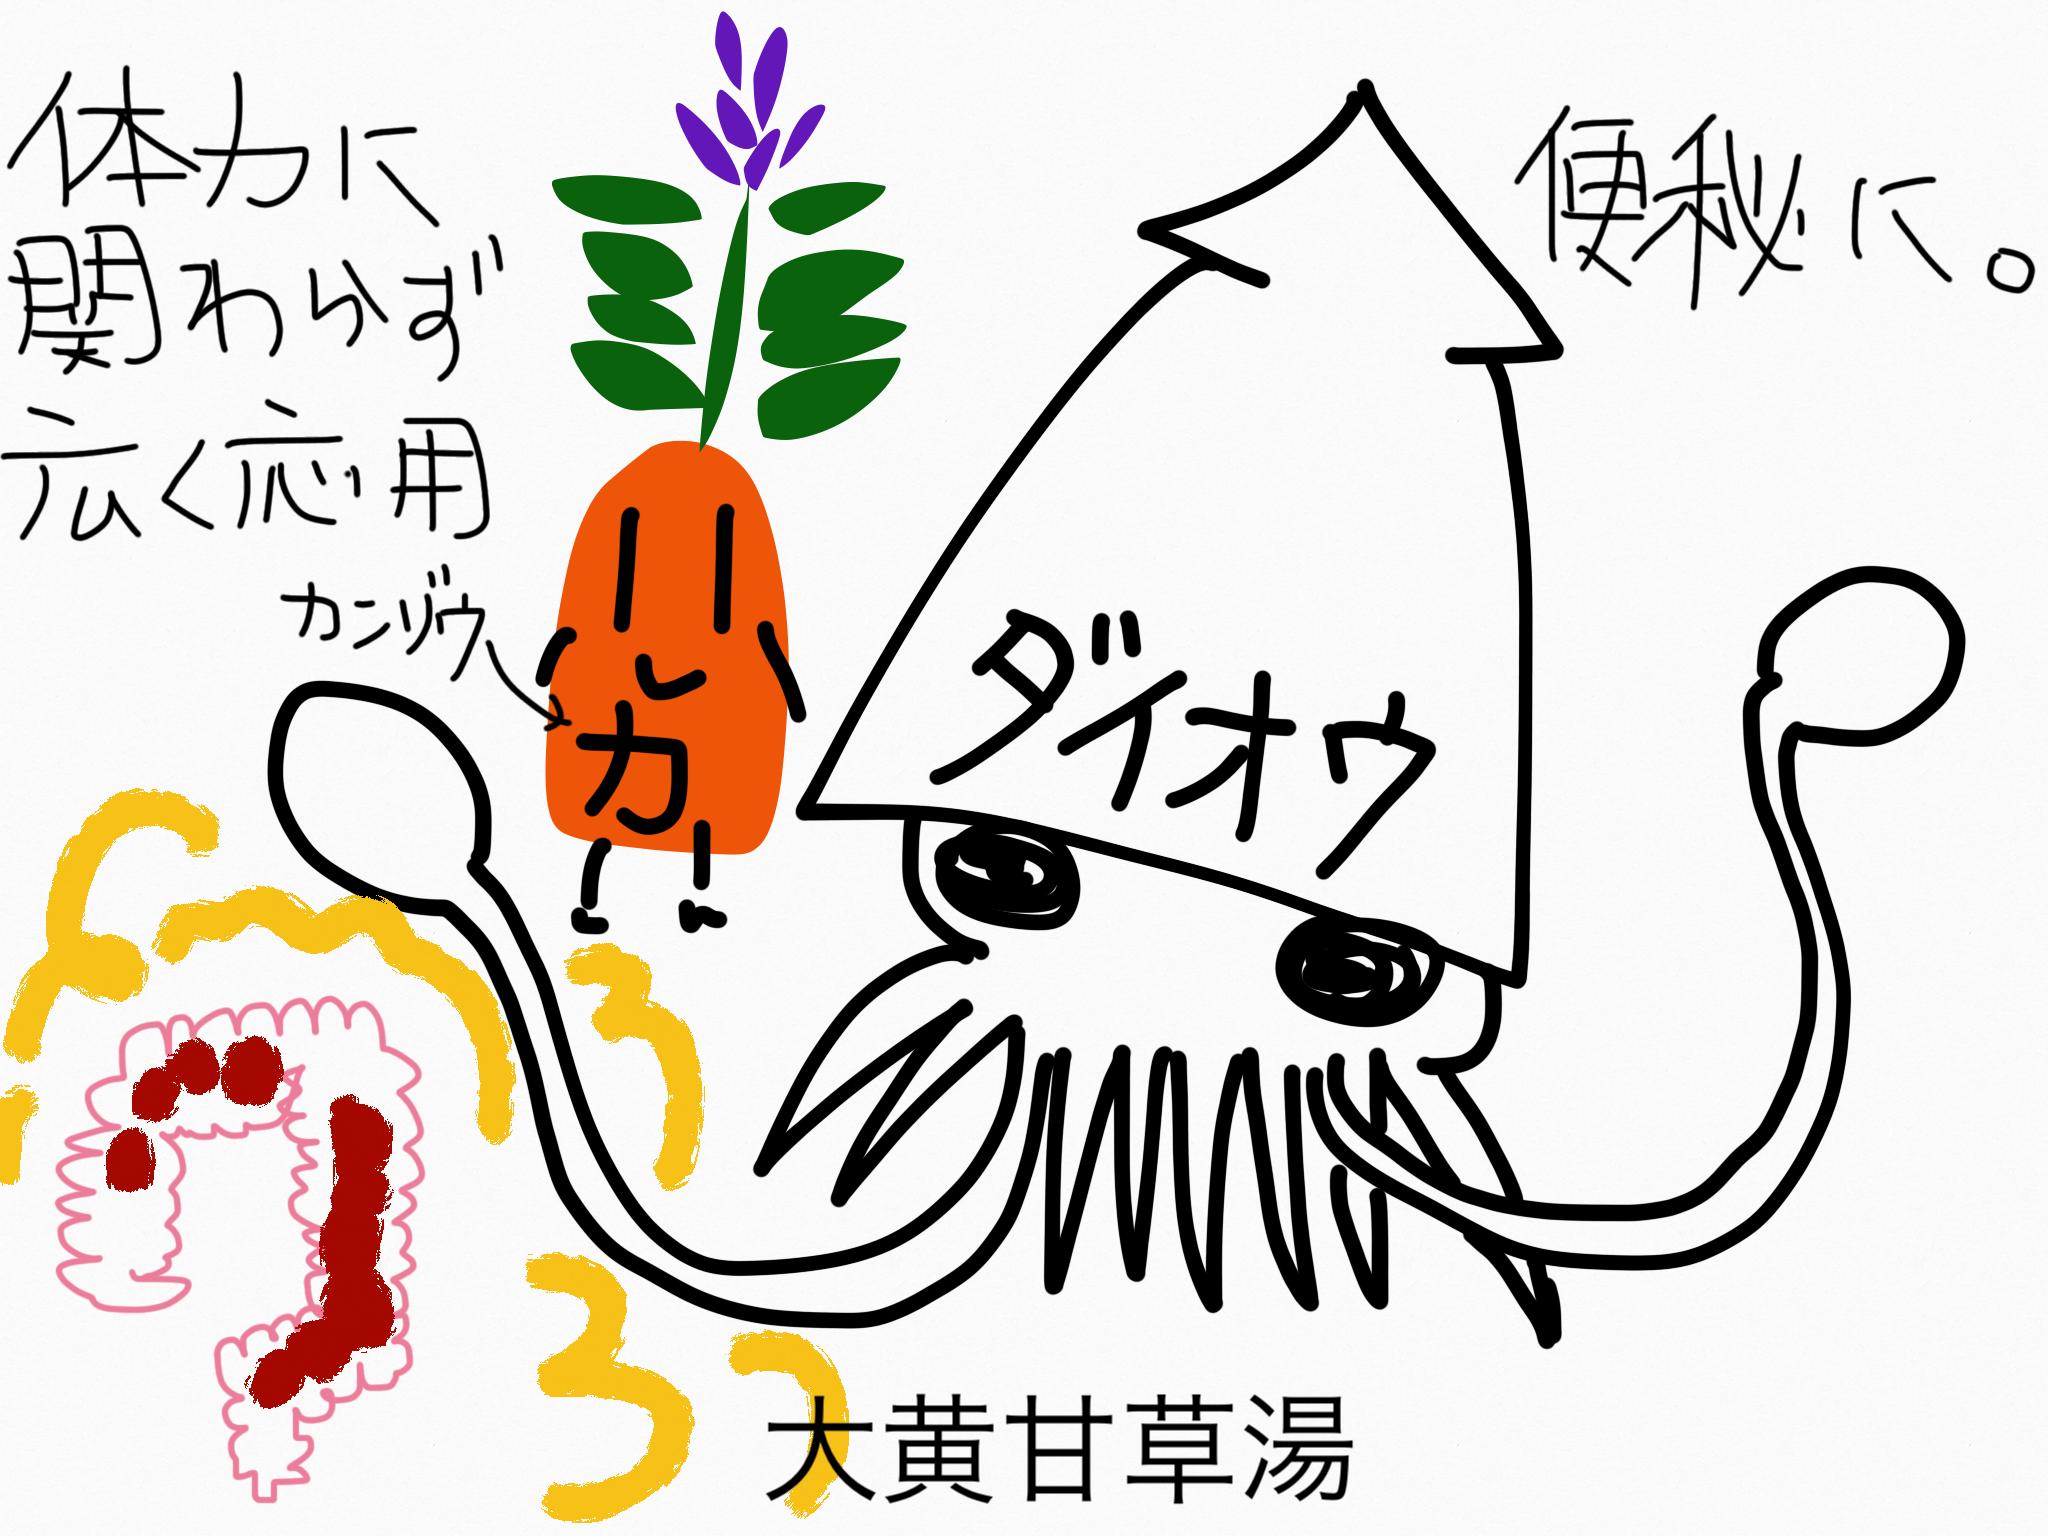 大黄甘草湯(だいおうかんぞうとう)[腸の不調]【漢方の覚え方】